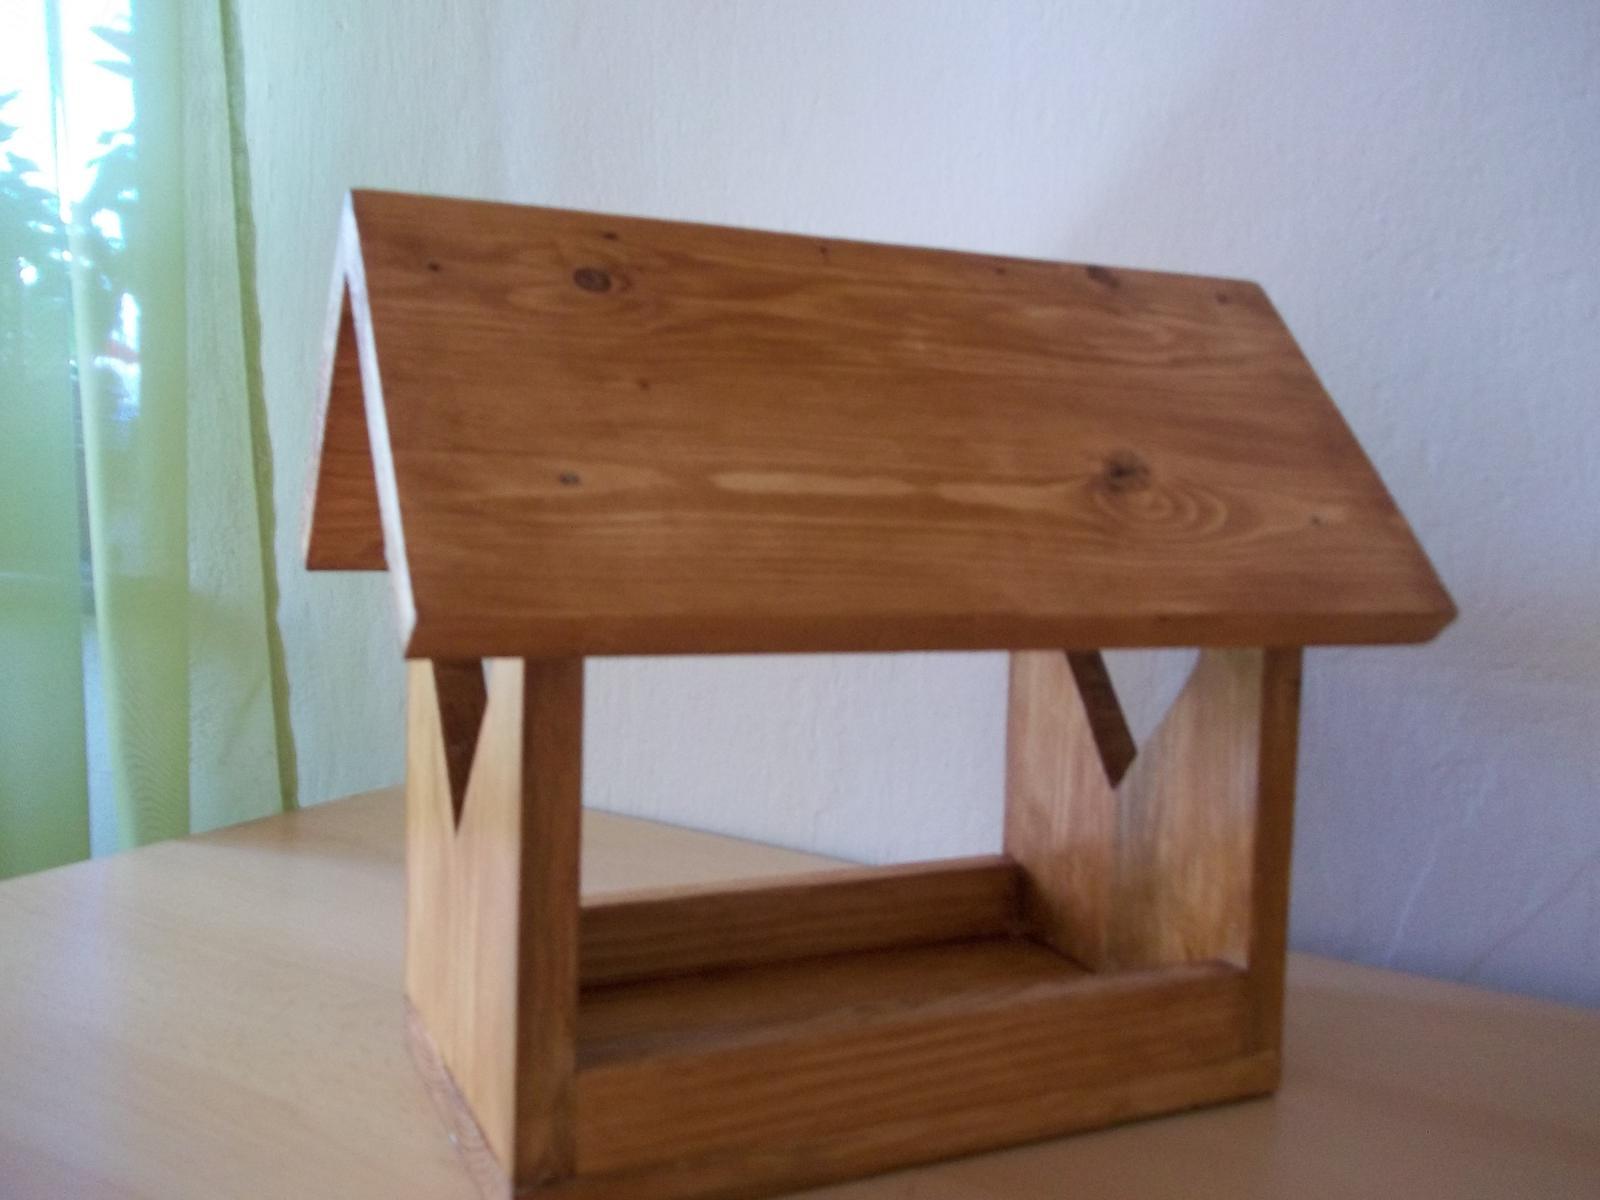 Drevené kŕmidlo pre vtáčiky so srdiečkami,s poštovným - Obrázok č. 3